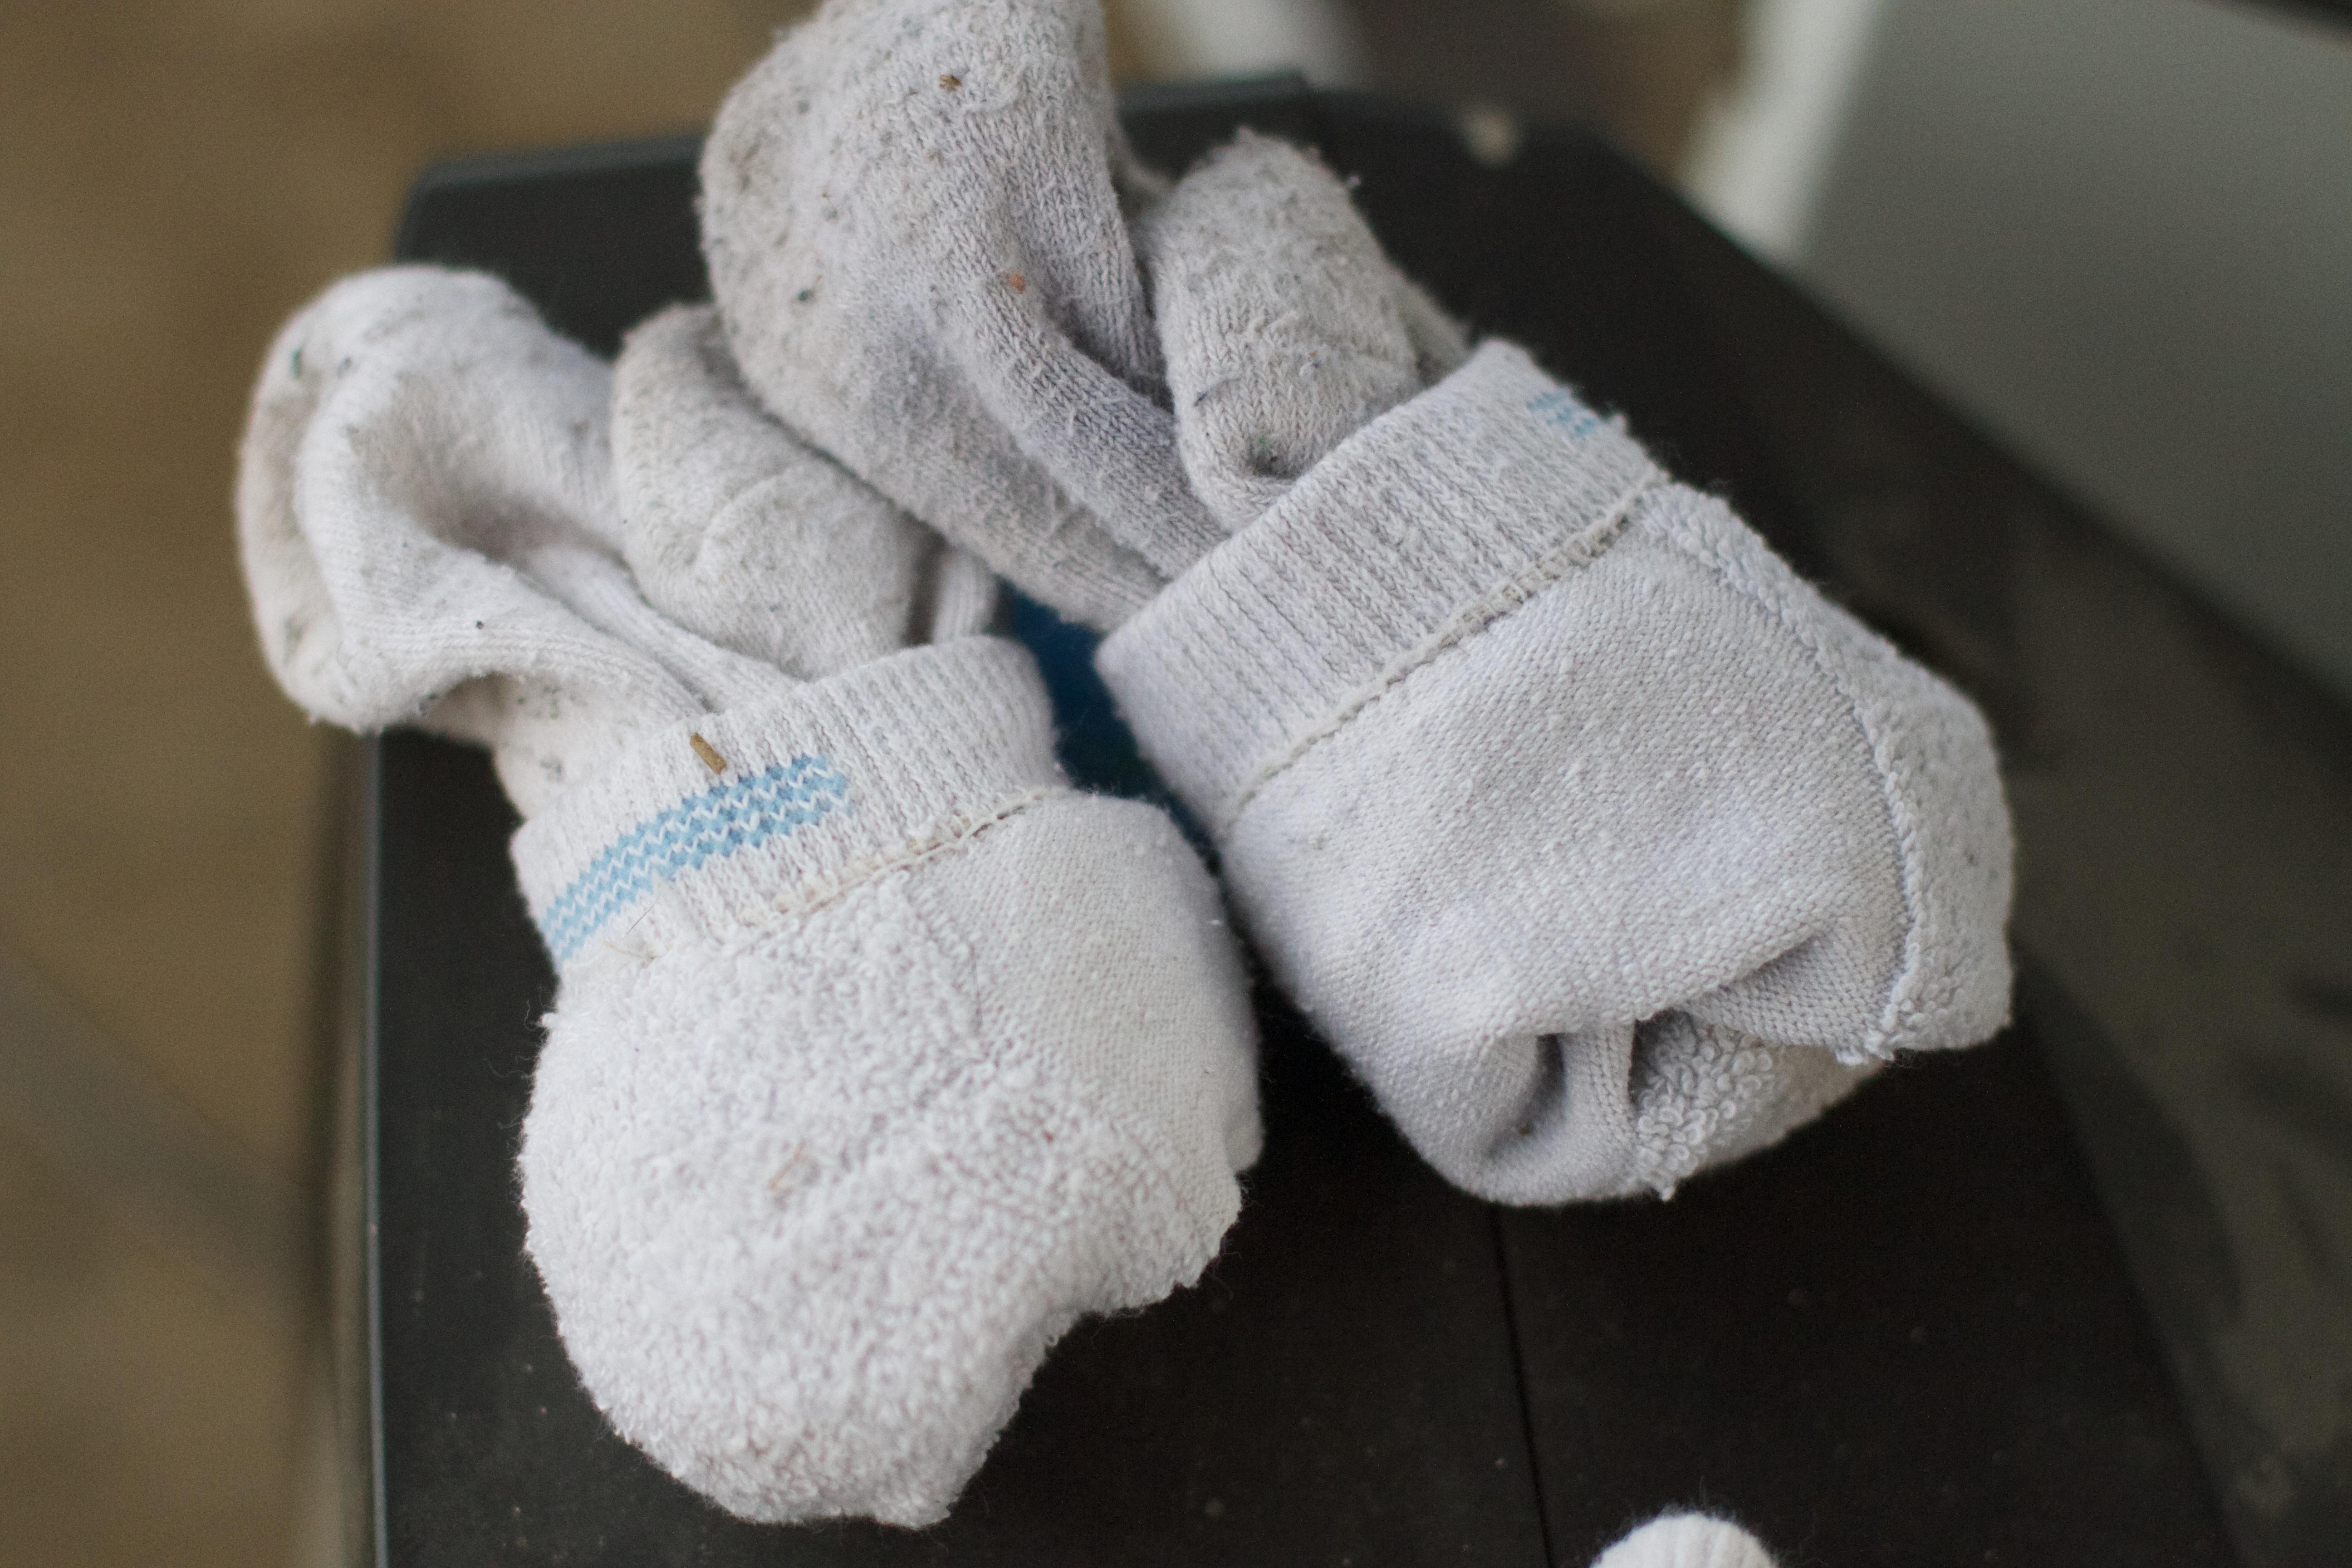 Kostenlose foto : Schuh, Pelz, Kleidung, Wolle, Material, Produkt ...